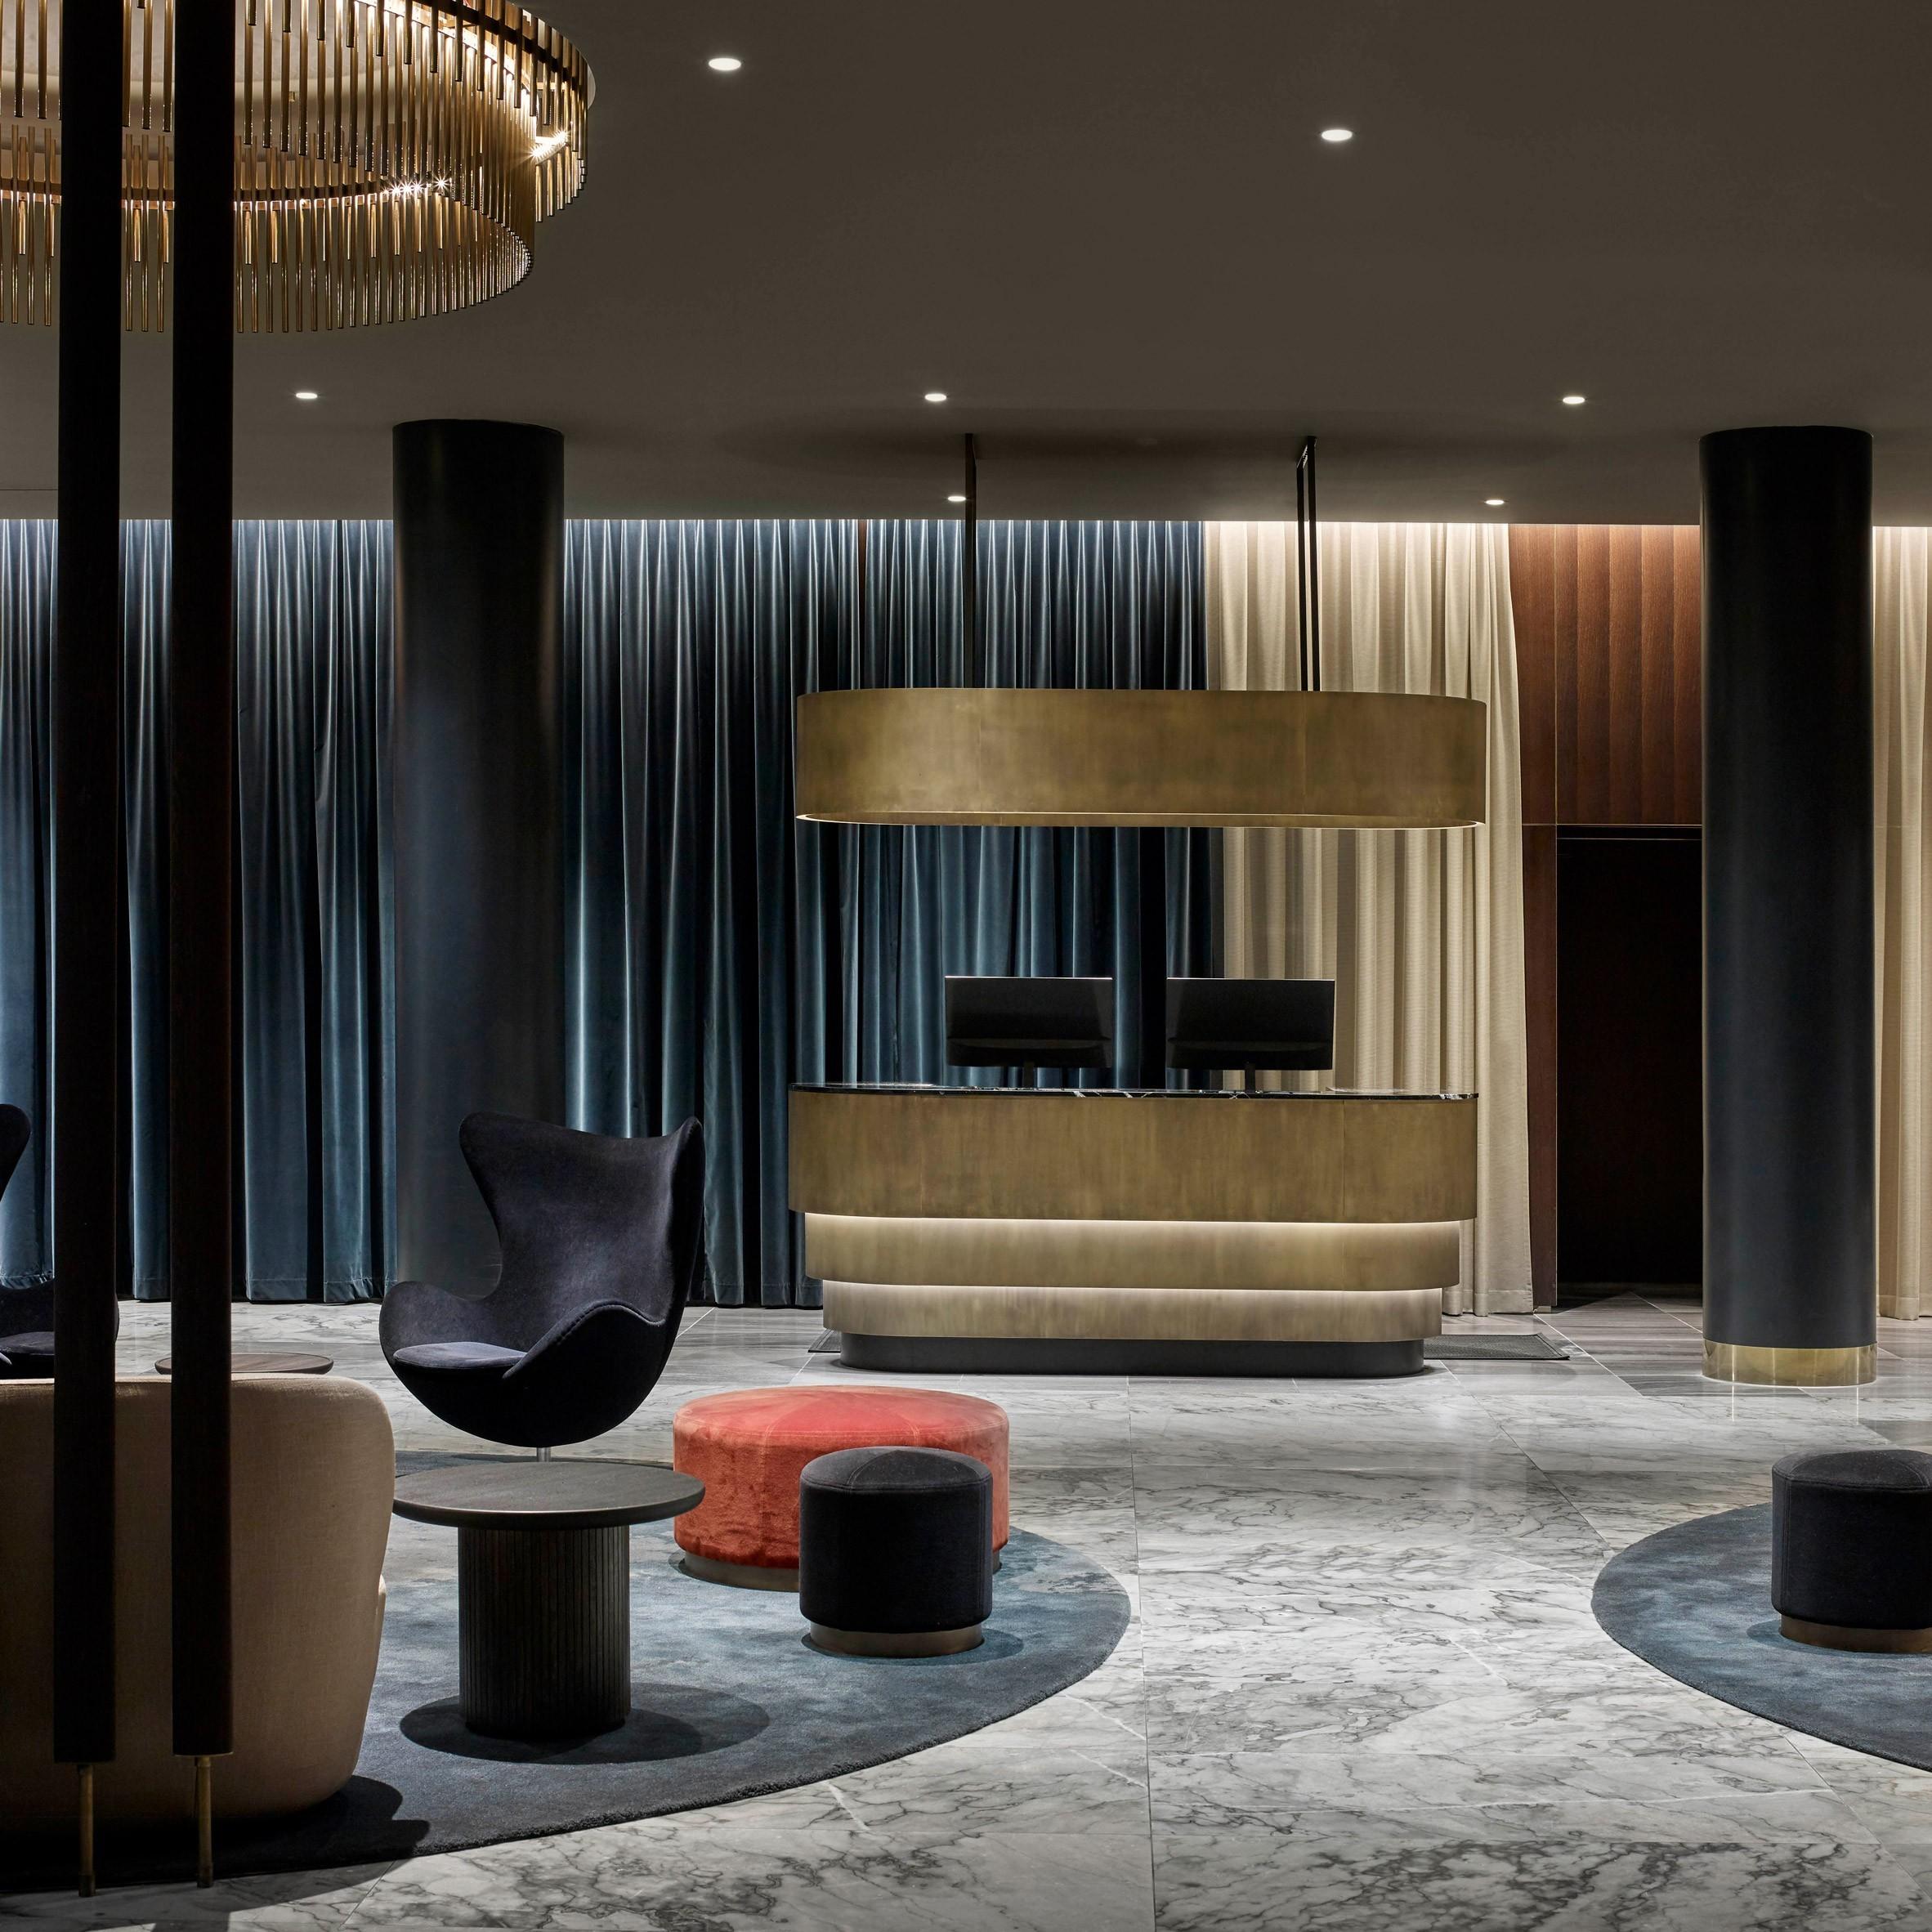 tolle gardinen ideen luxushotels